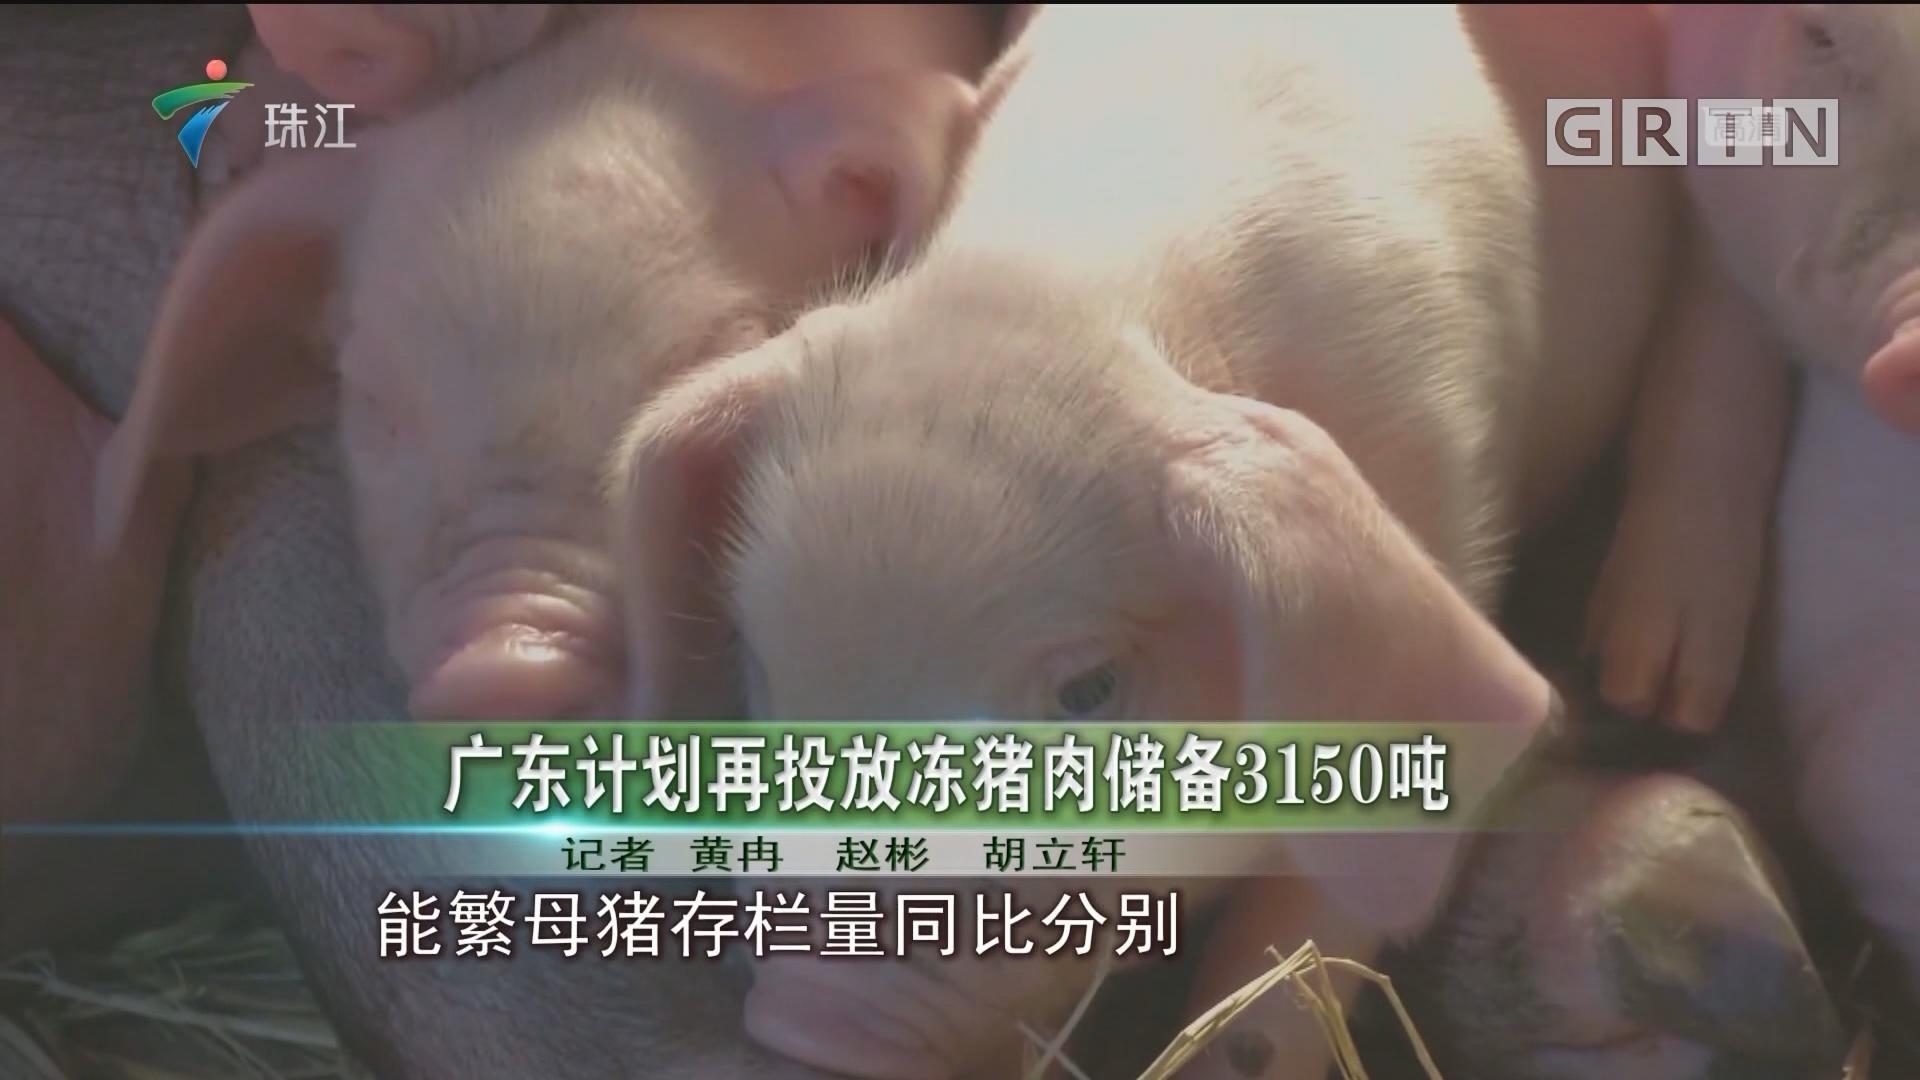 广东计划再投放冻猪肉储备3150吨